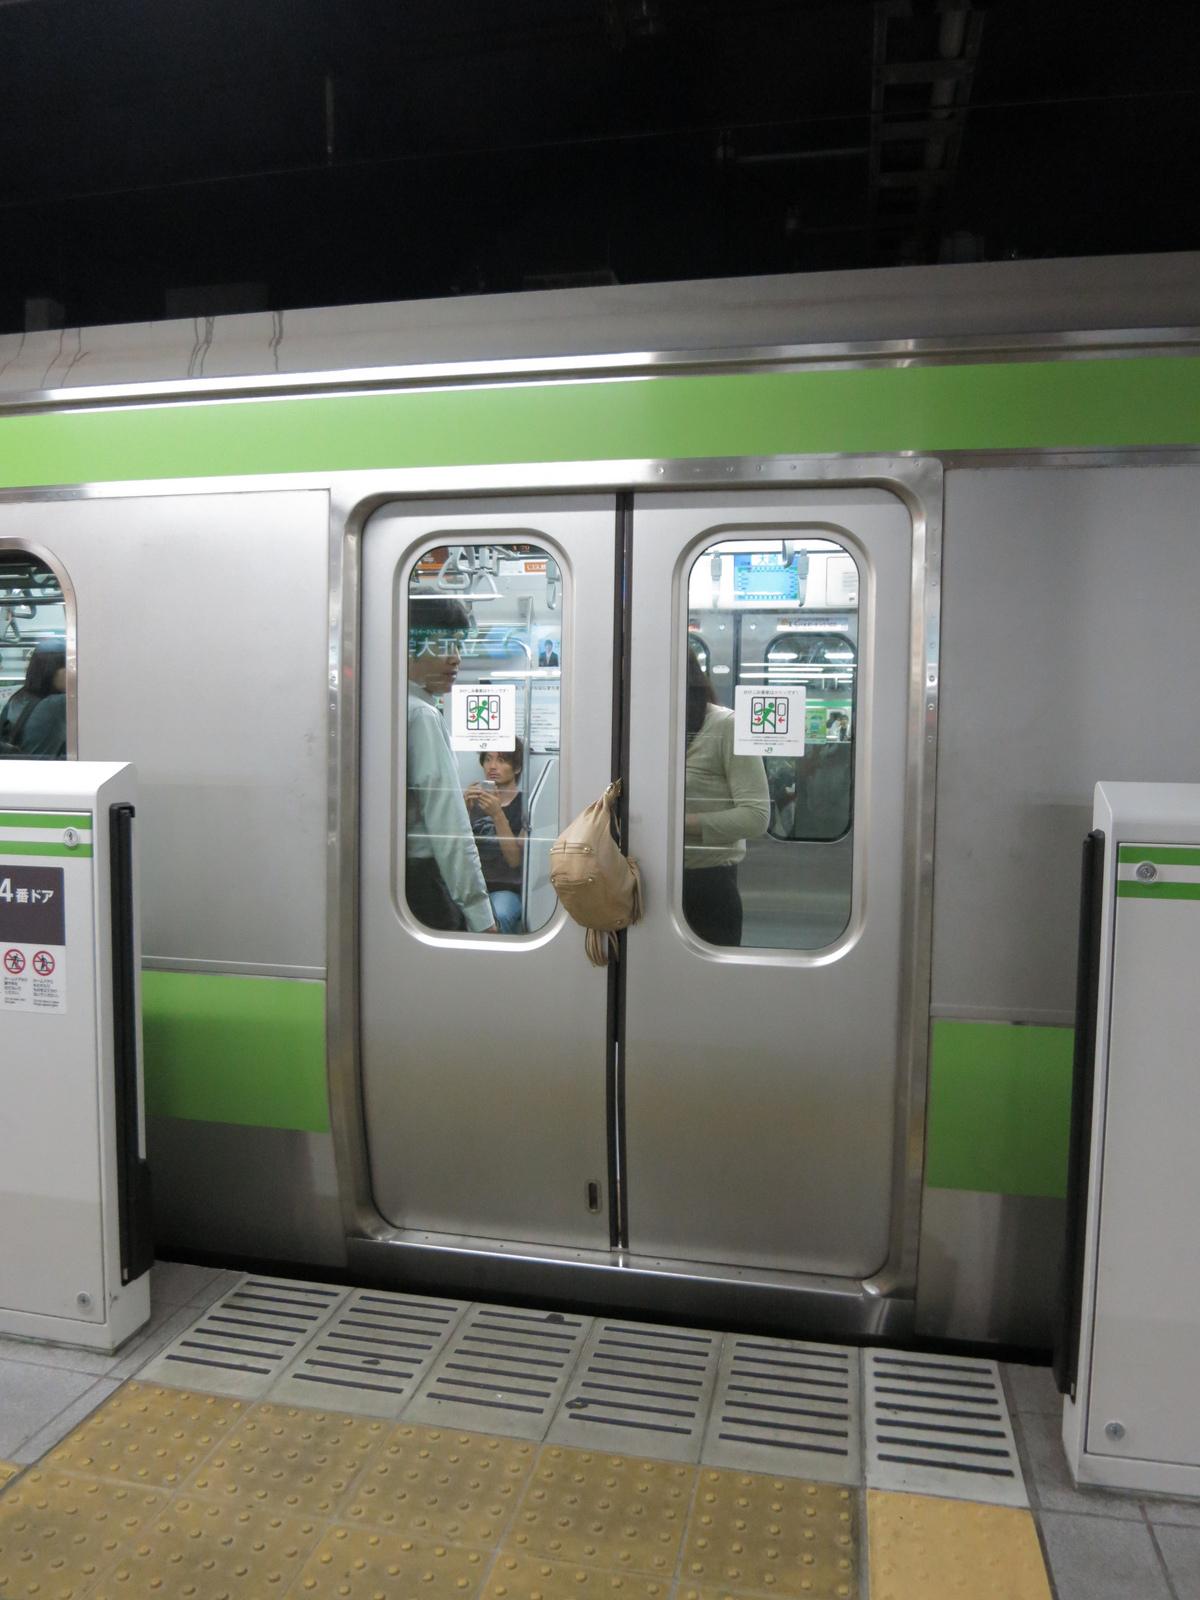 FileThe bag got stuck in the train door.jpg & File:The bag got stuck in the train door.jpg - Wikimedia Commons